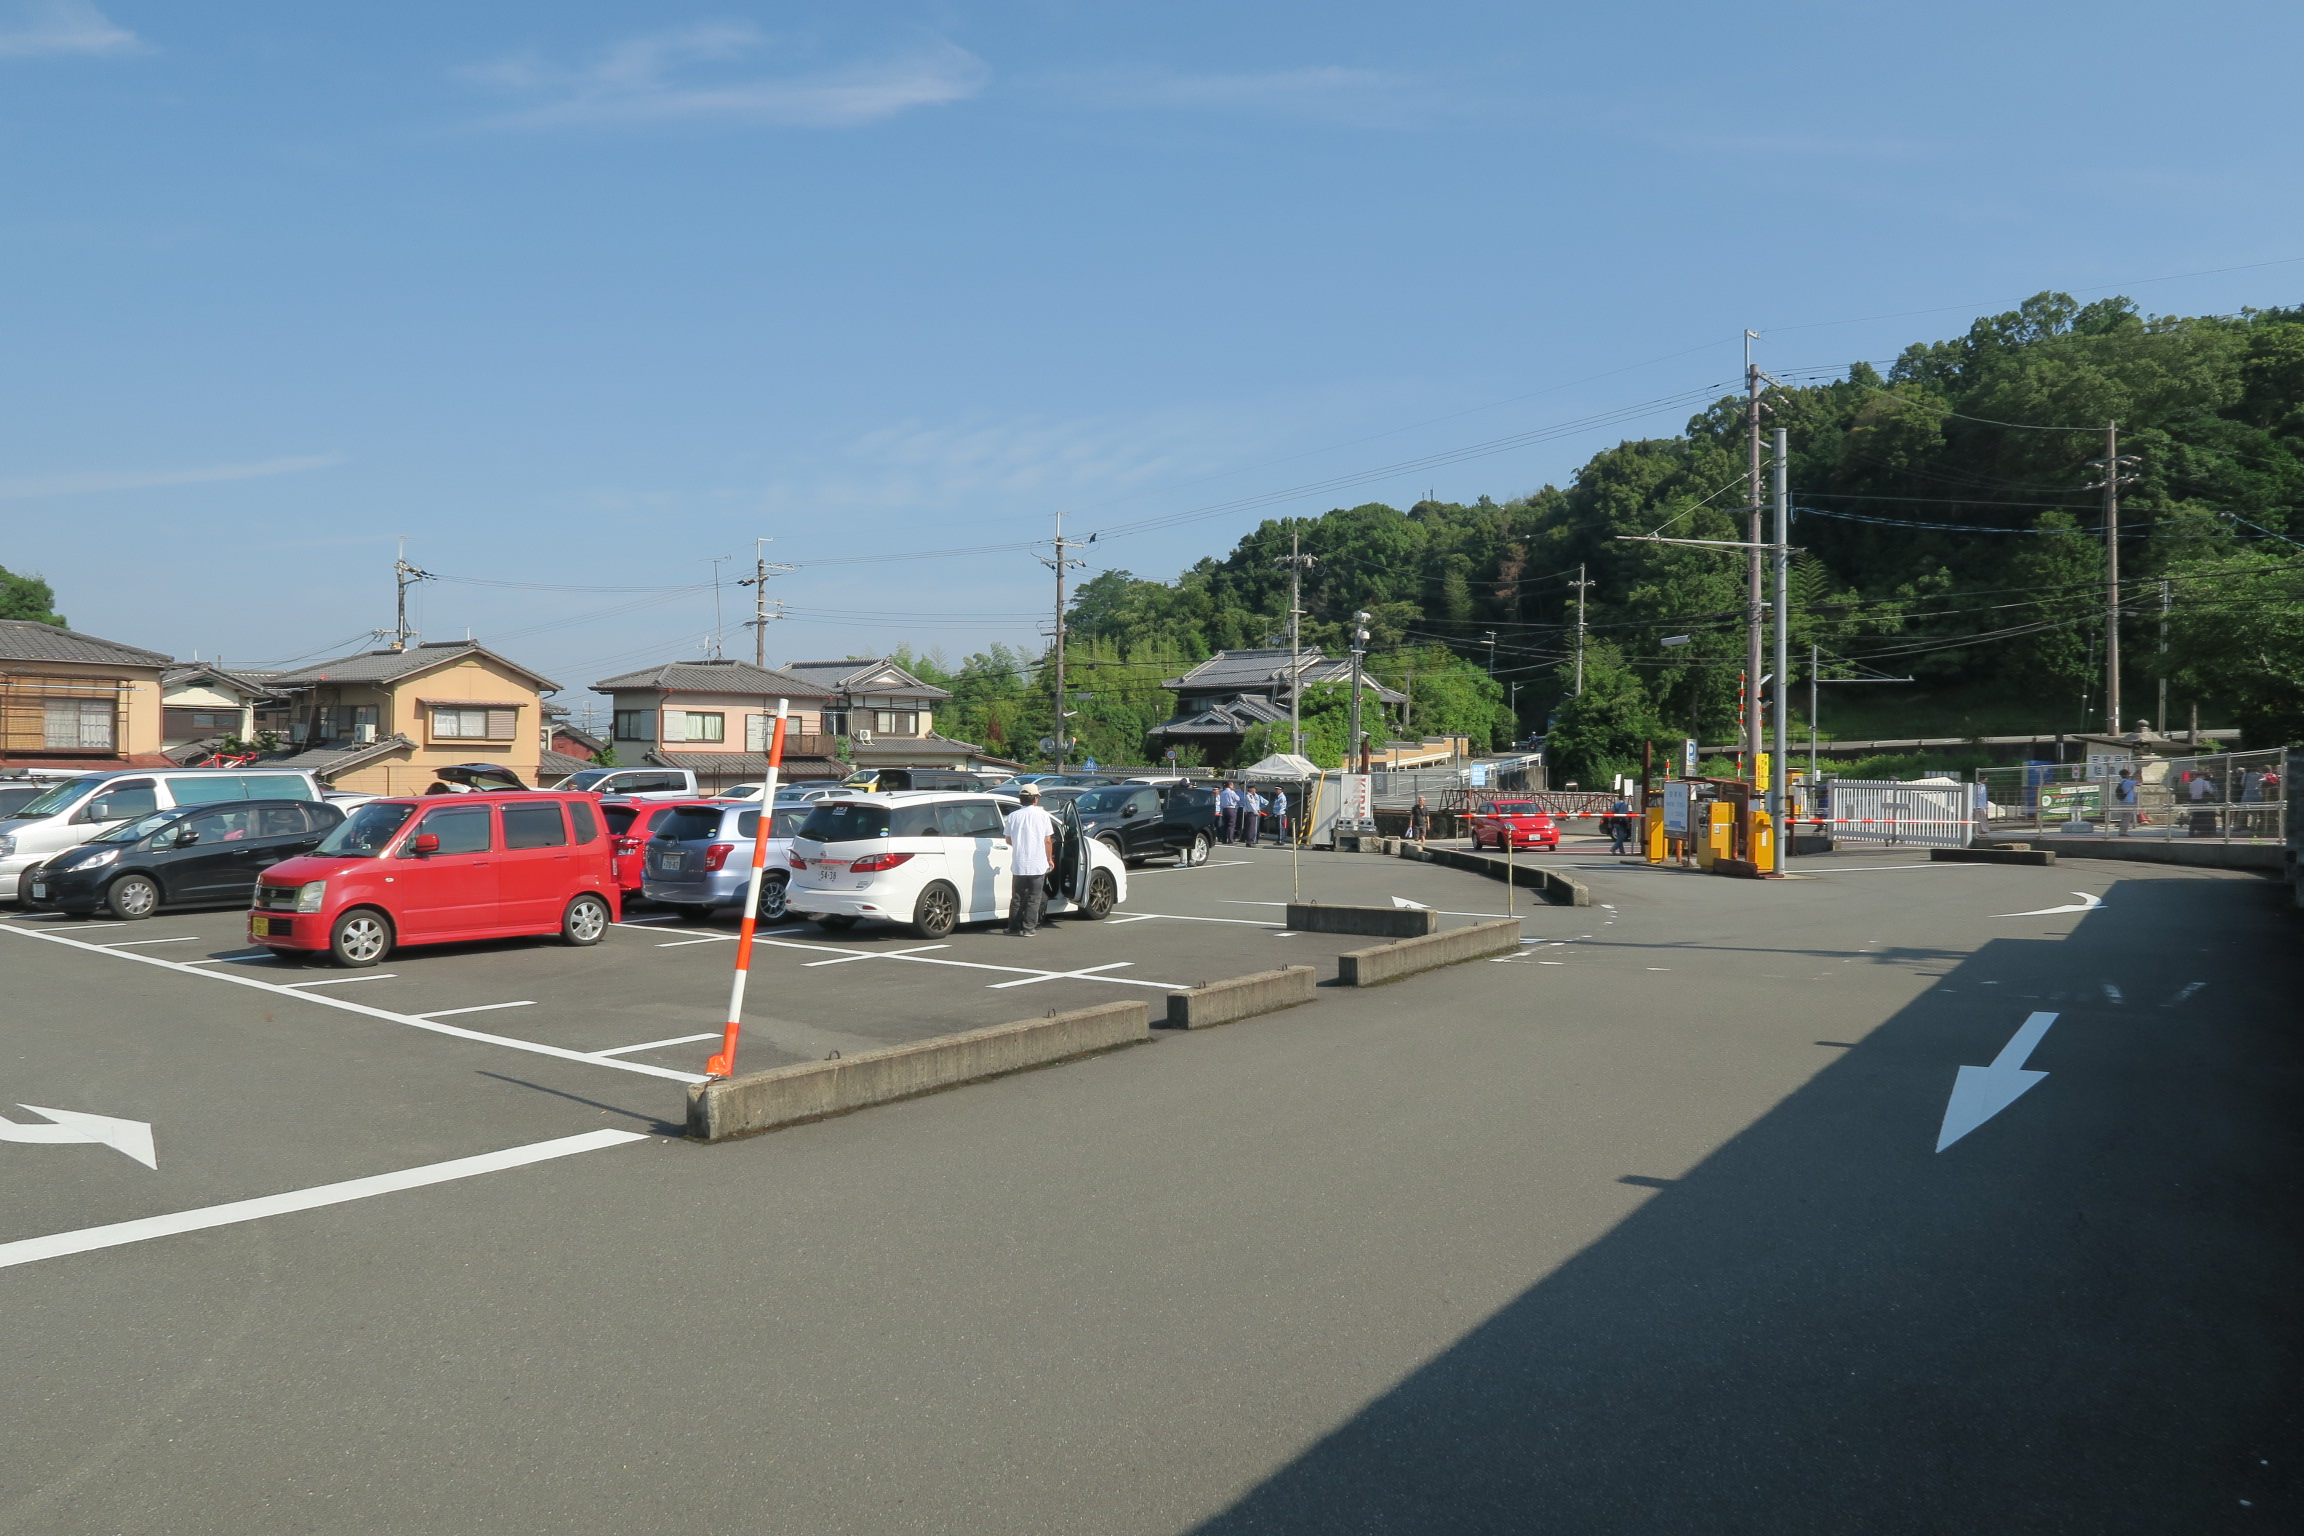 三室戸寺前にある駐車場。8時過ぎには駐車場も埋まり始めてました。